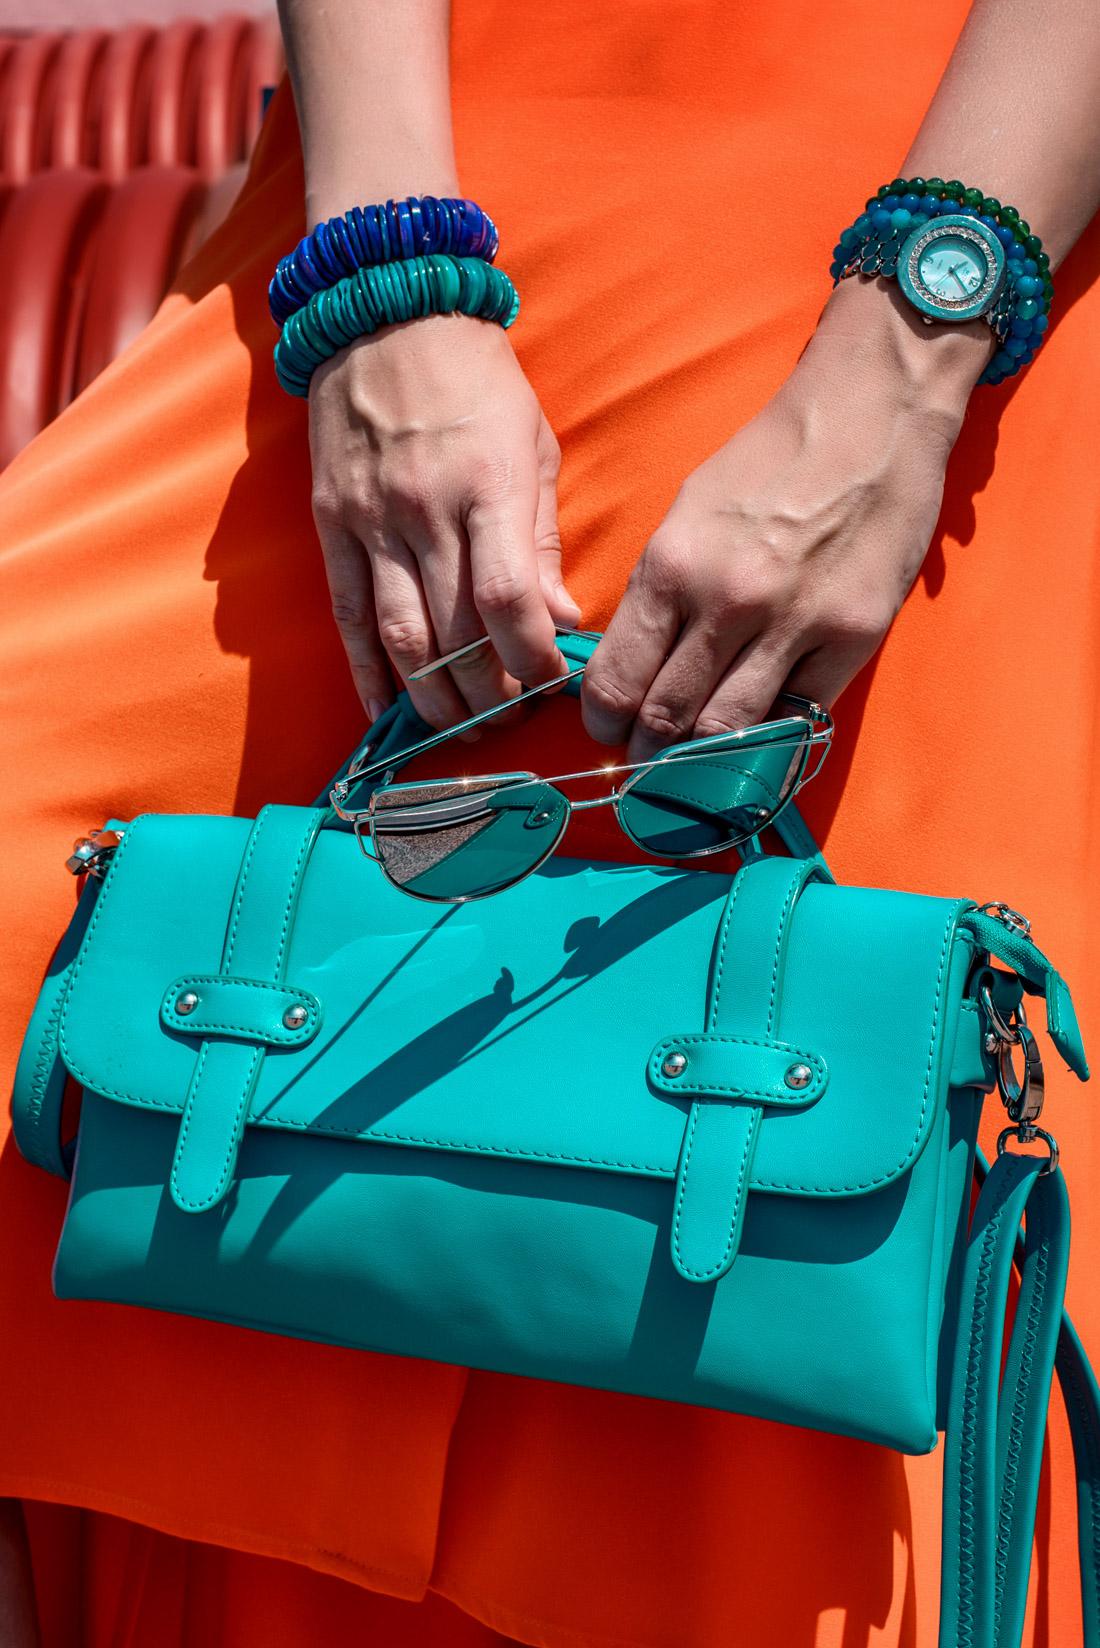 1 TOP DOPLNOK, KTORÝ VÁS DOSTANE_Katharine-fashion is beautiful_blog 8_Látková čelenka_Oranžová sukňa_Katarína Jakubčová_Fashion blogerka